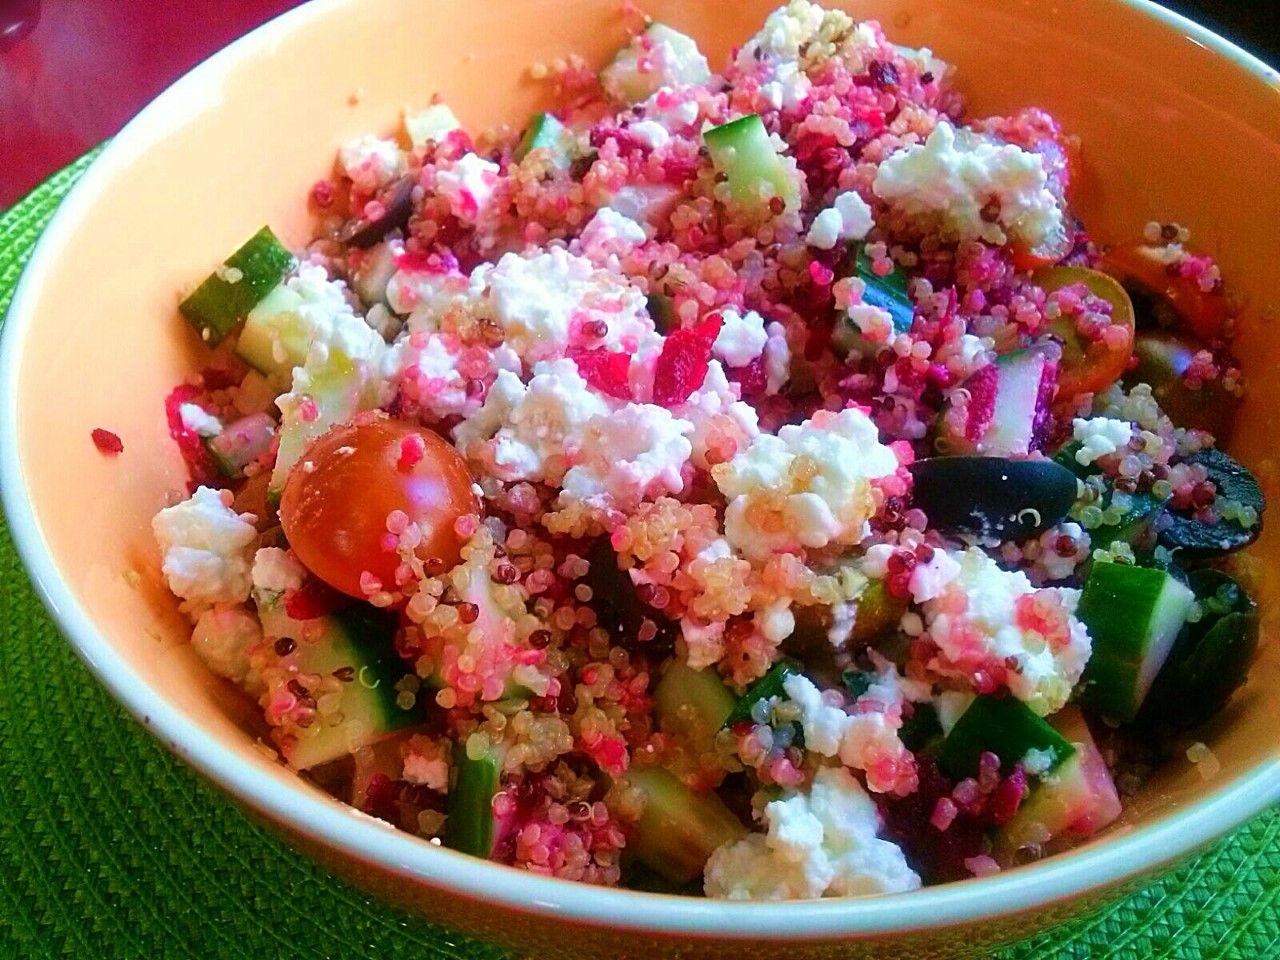 Ensalada de remolacha con quinoa